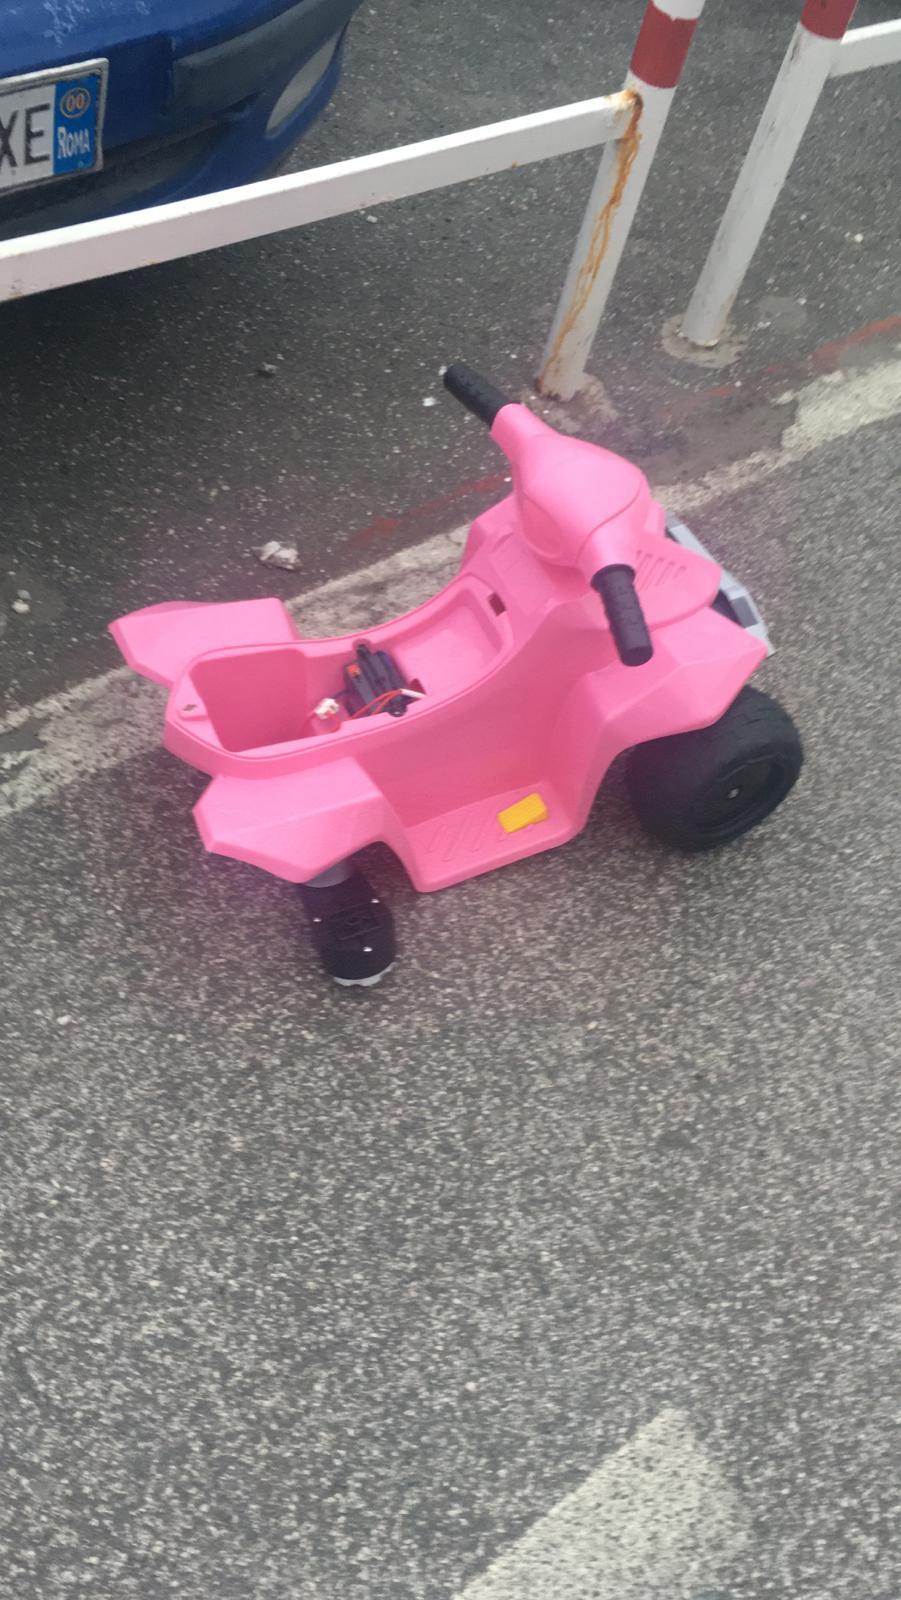 Photo of 1 minuto per un gelato , e ops, spariscono ruote e motore della macchinina giocattolo